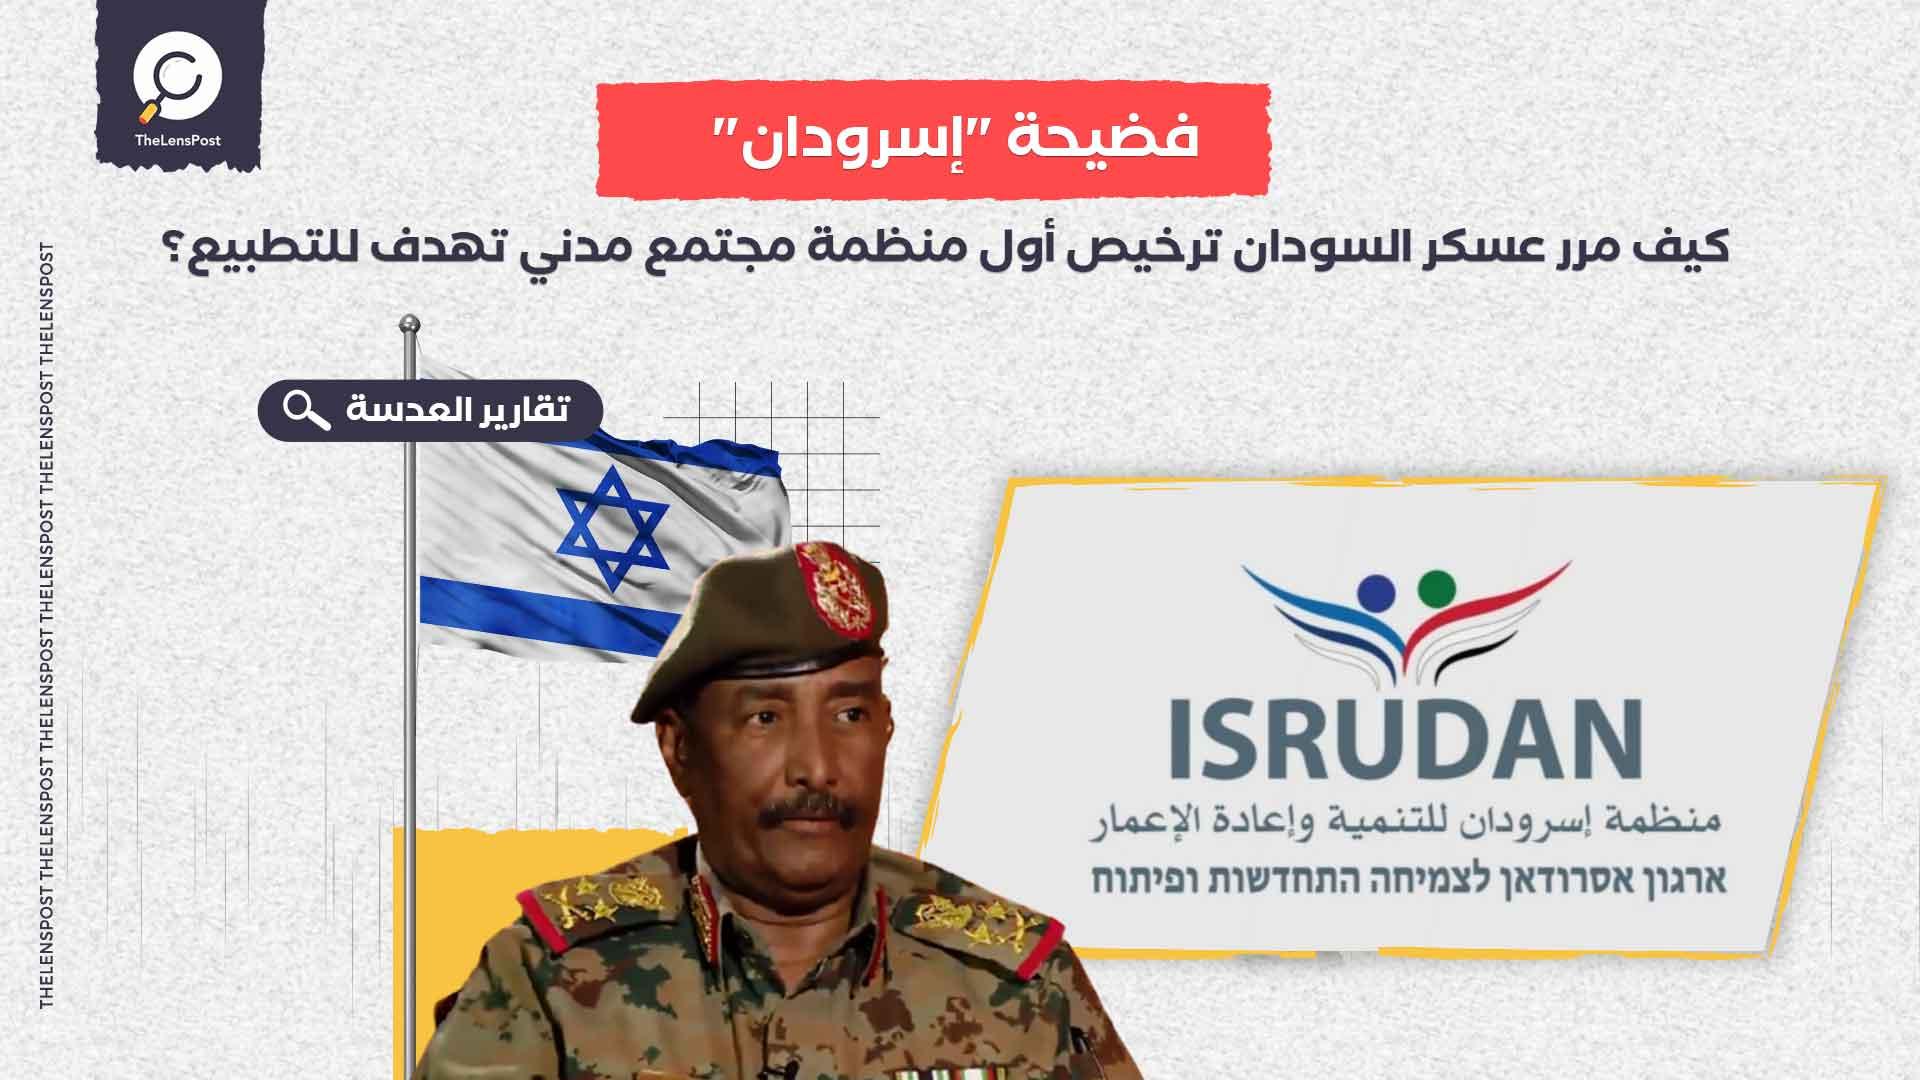 كيف مرر عسكر السودان ترخيص أول منظمة مجتمع مدني تهدف للتطبيع؟